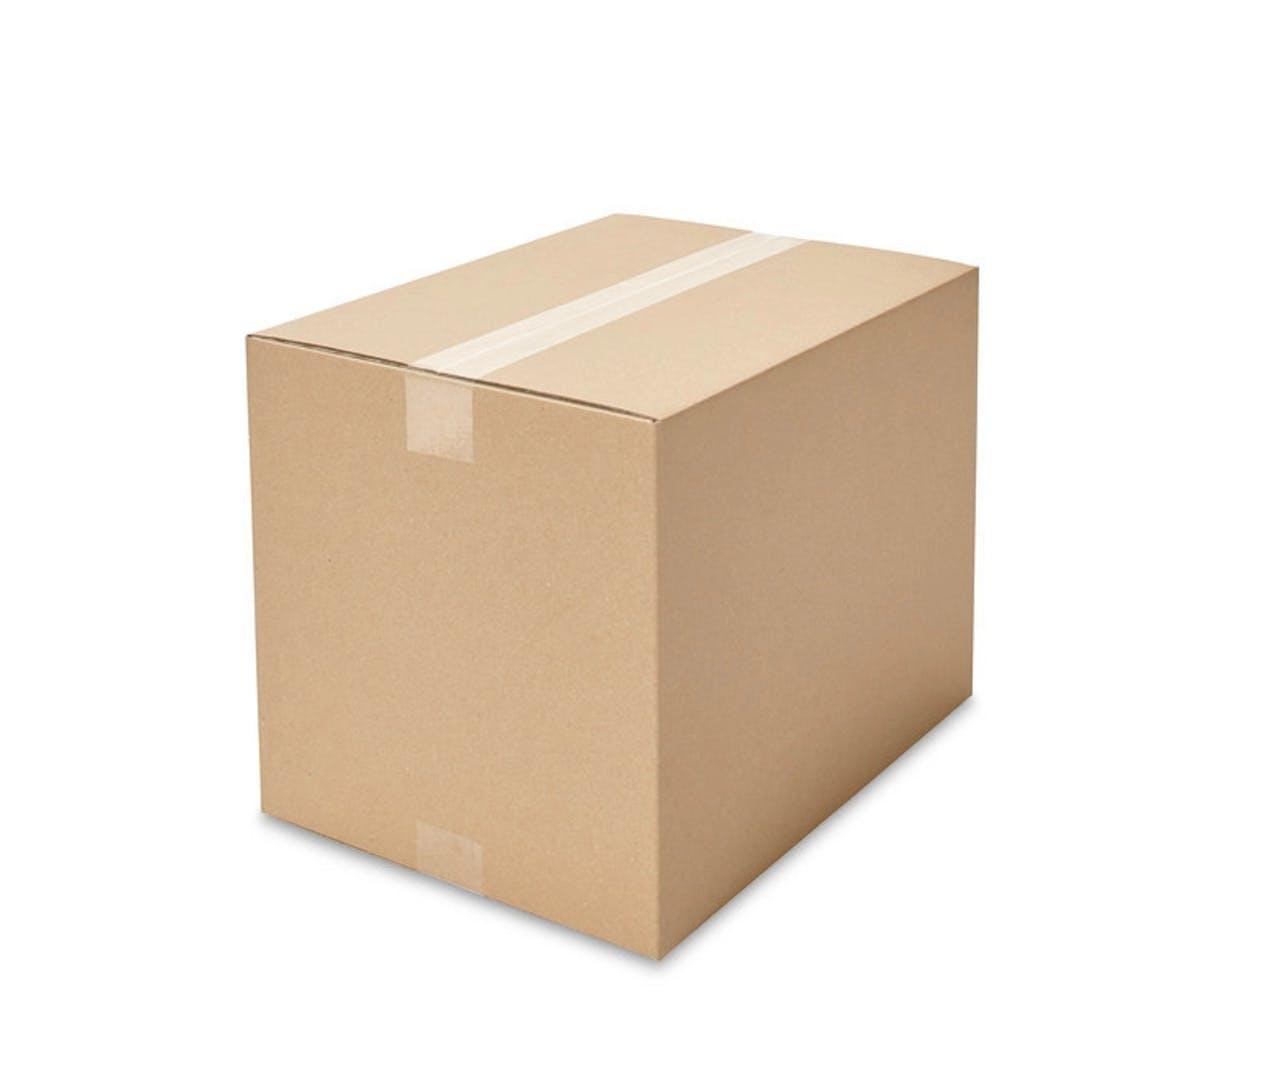 Caisses pliantes carton ondulé ECONOMY, 350à 399mm de longueur, Var: ekz103